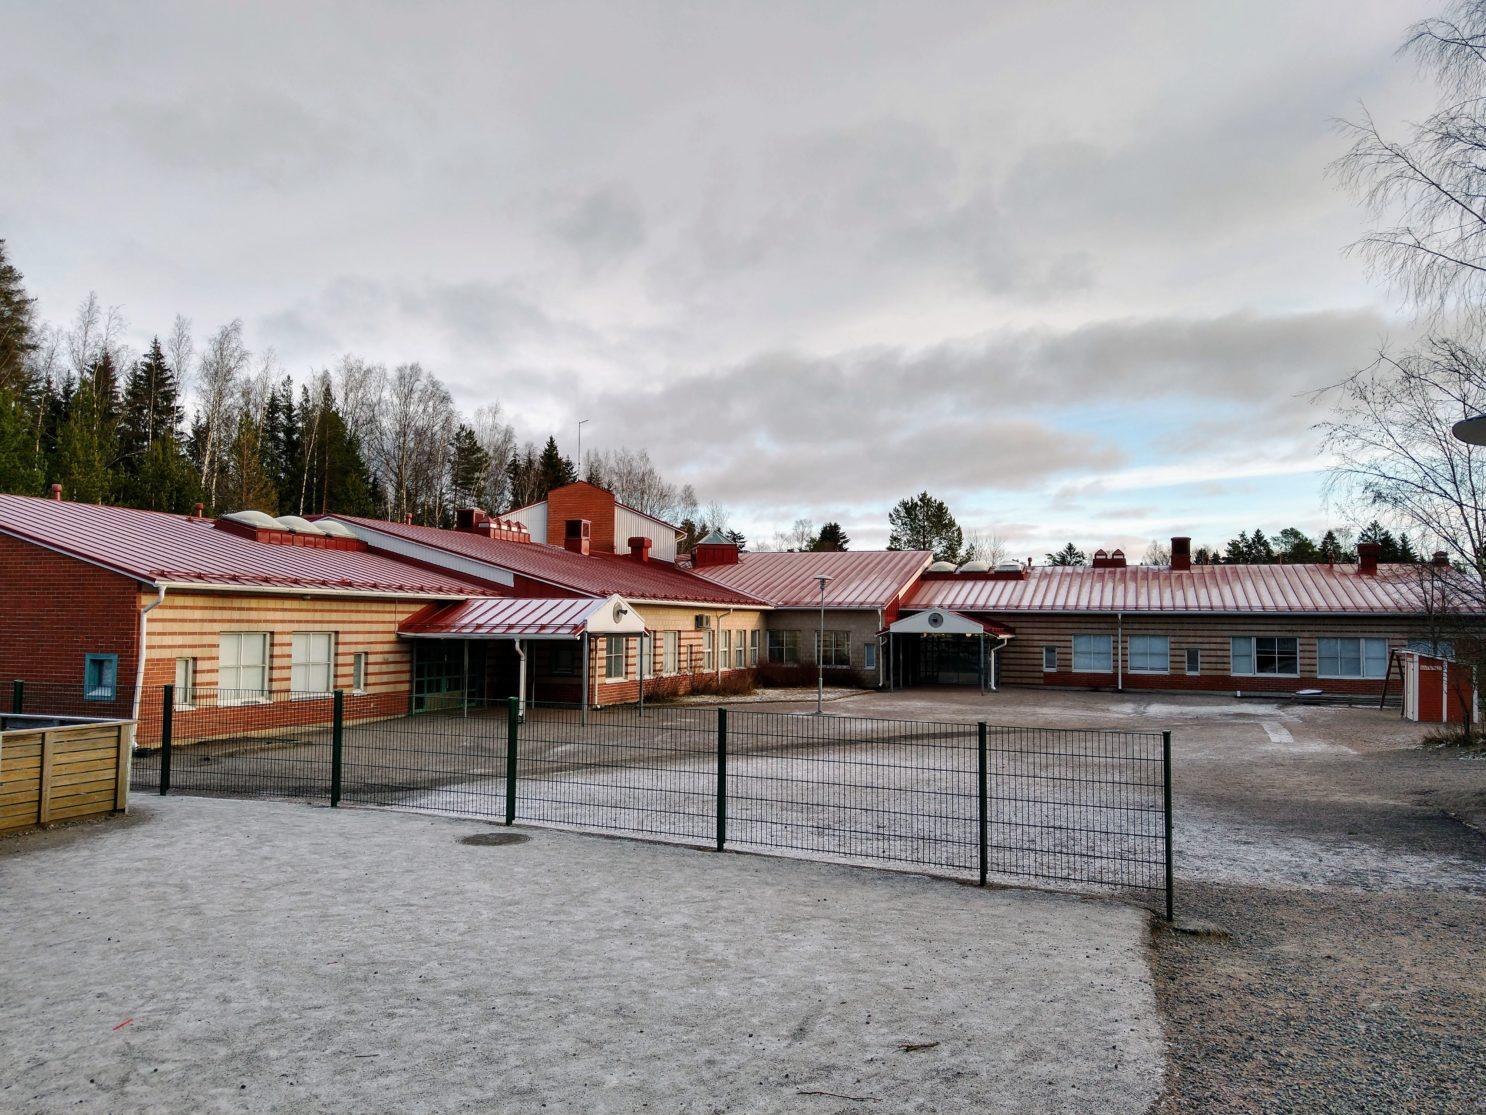 Syrjälän koulun piha